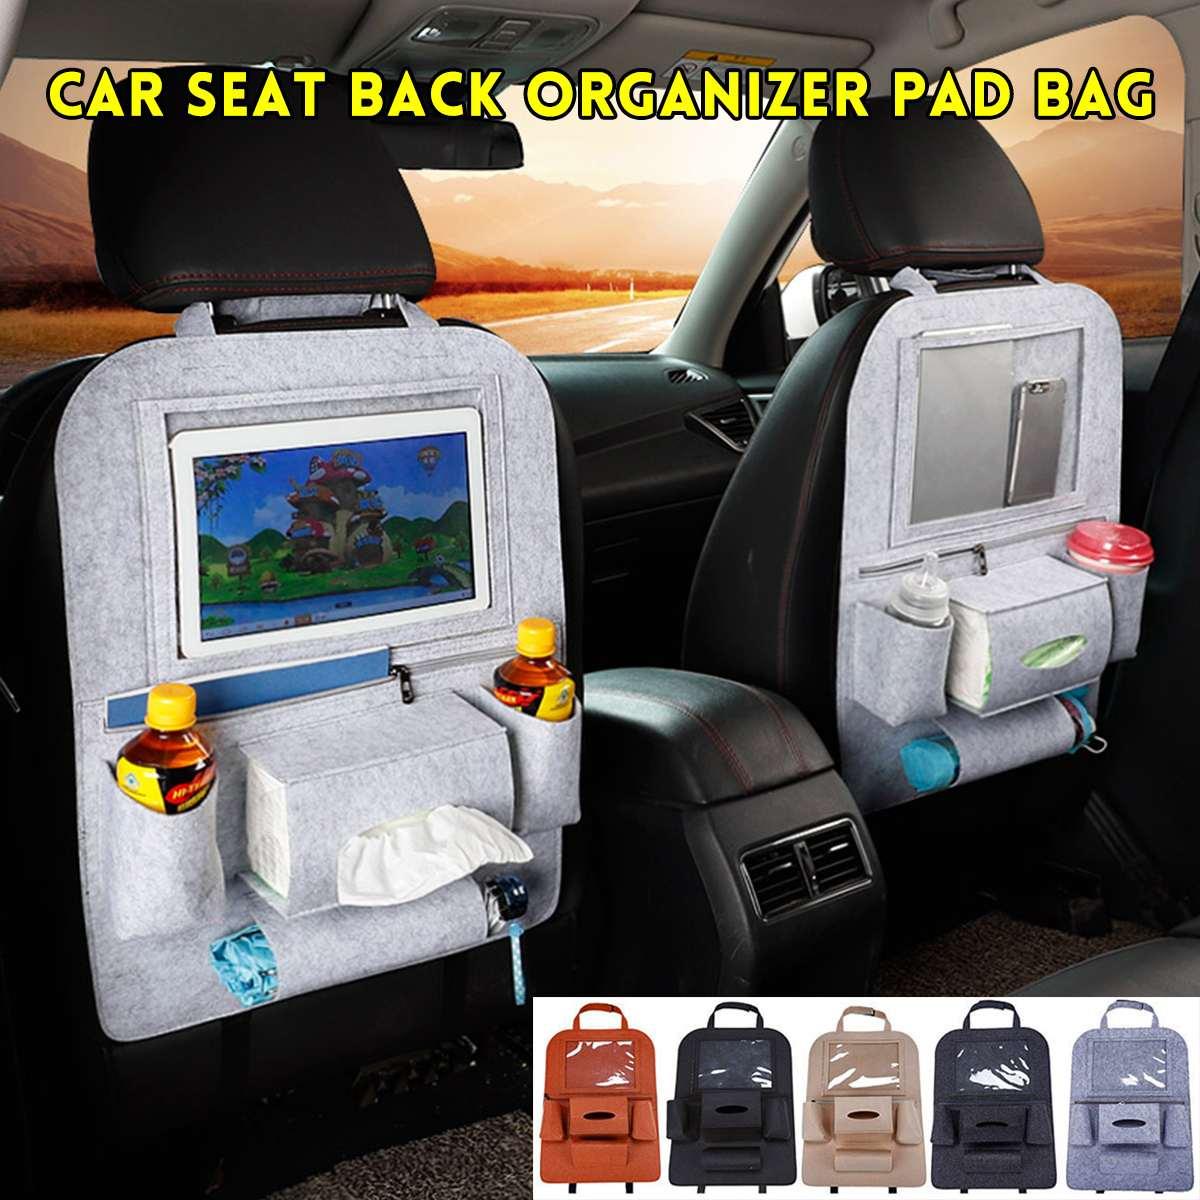 Organizador para banco traseiro de carro, bolsa em feltro para armazenamento multifuncional de veículos e carros, 1 peça acessórios